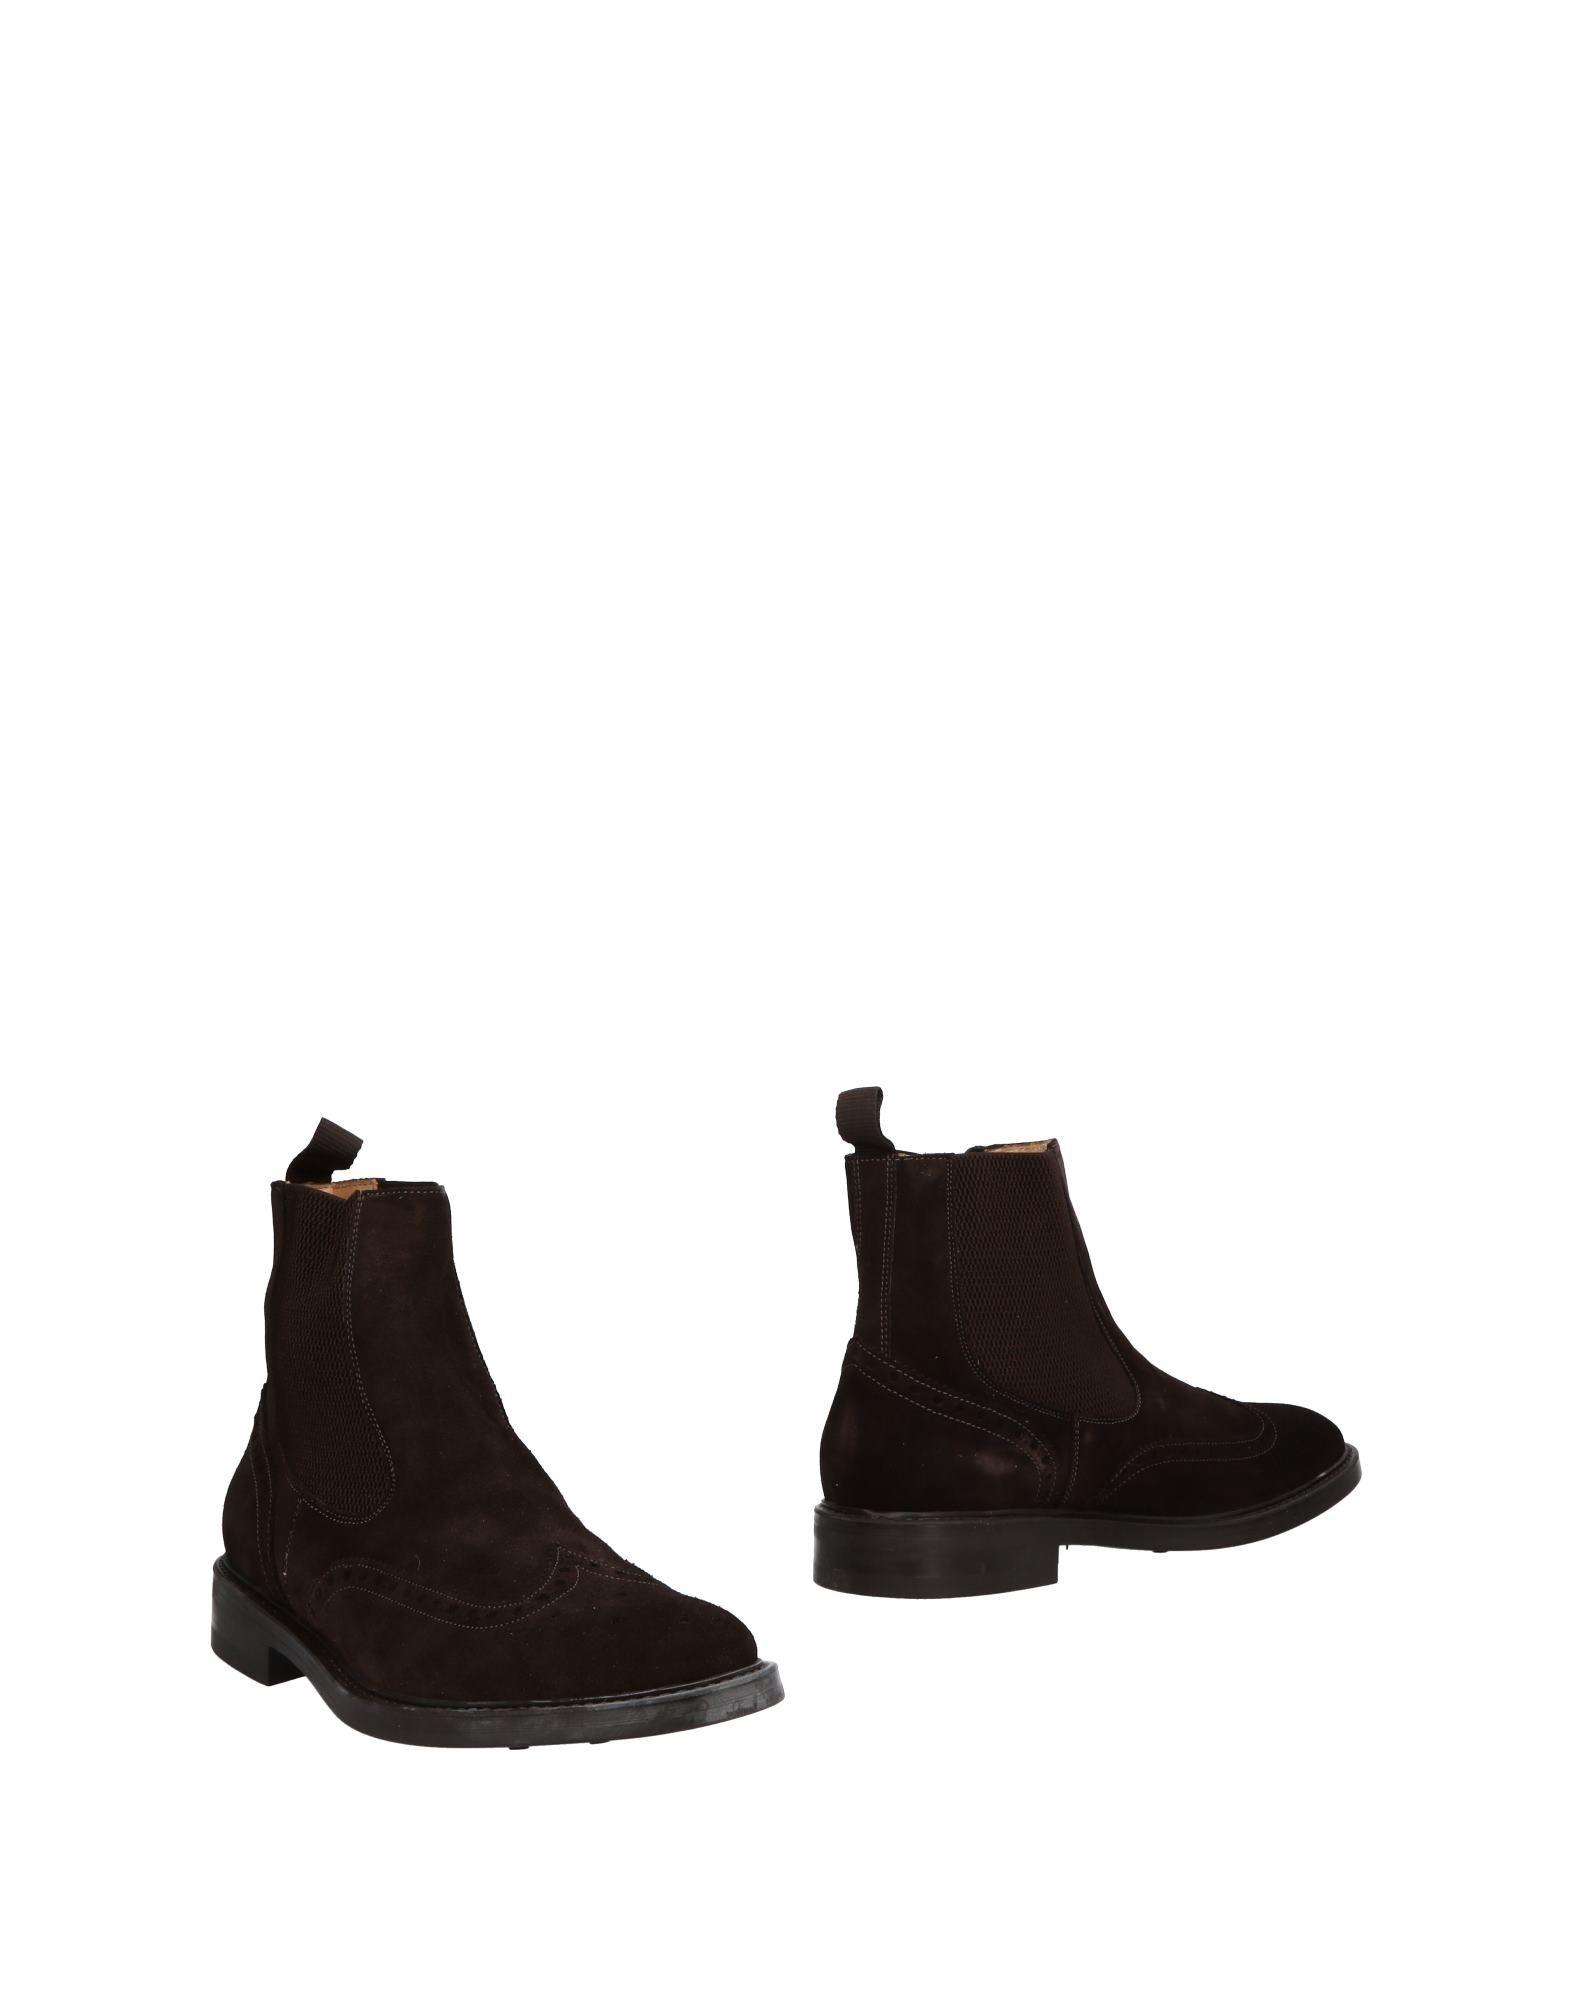 Rabatt Schuhe echte Schuhe Rabatt Anderson Stiefelette Herren  11237051ID 9fd666